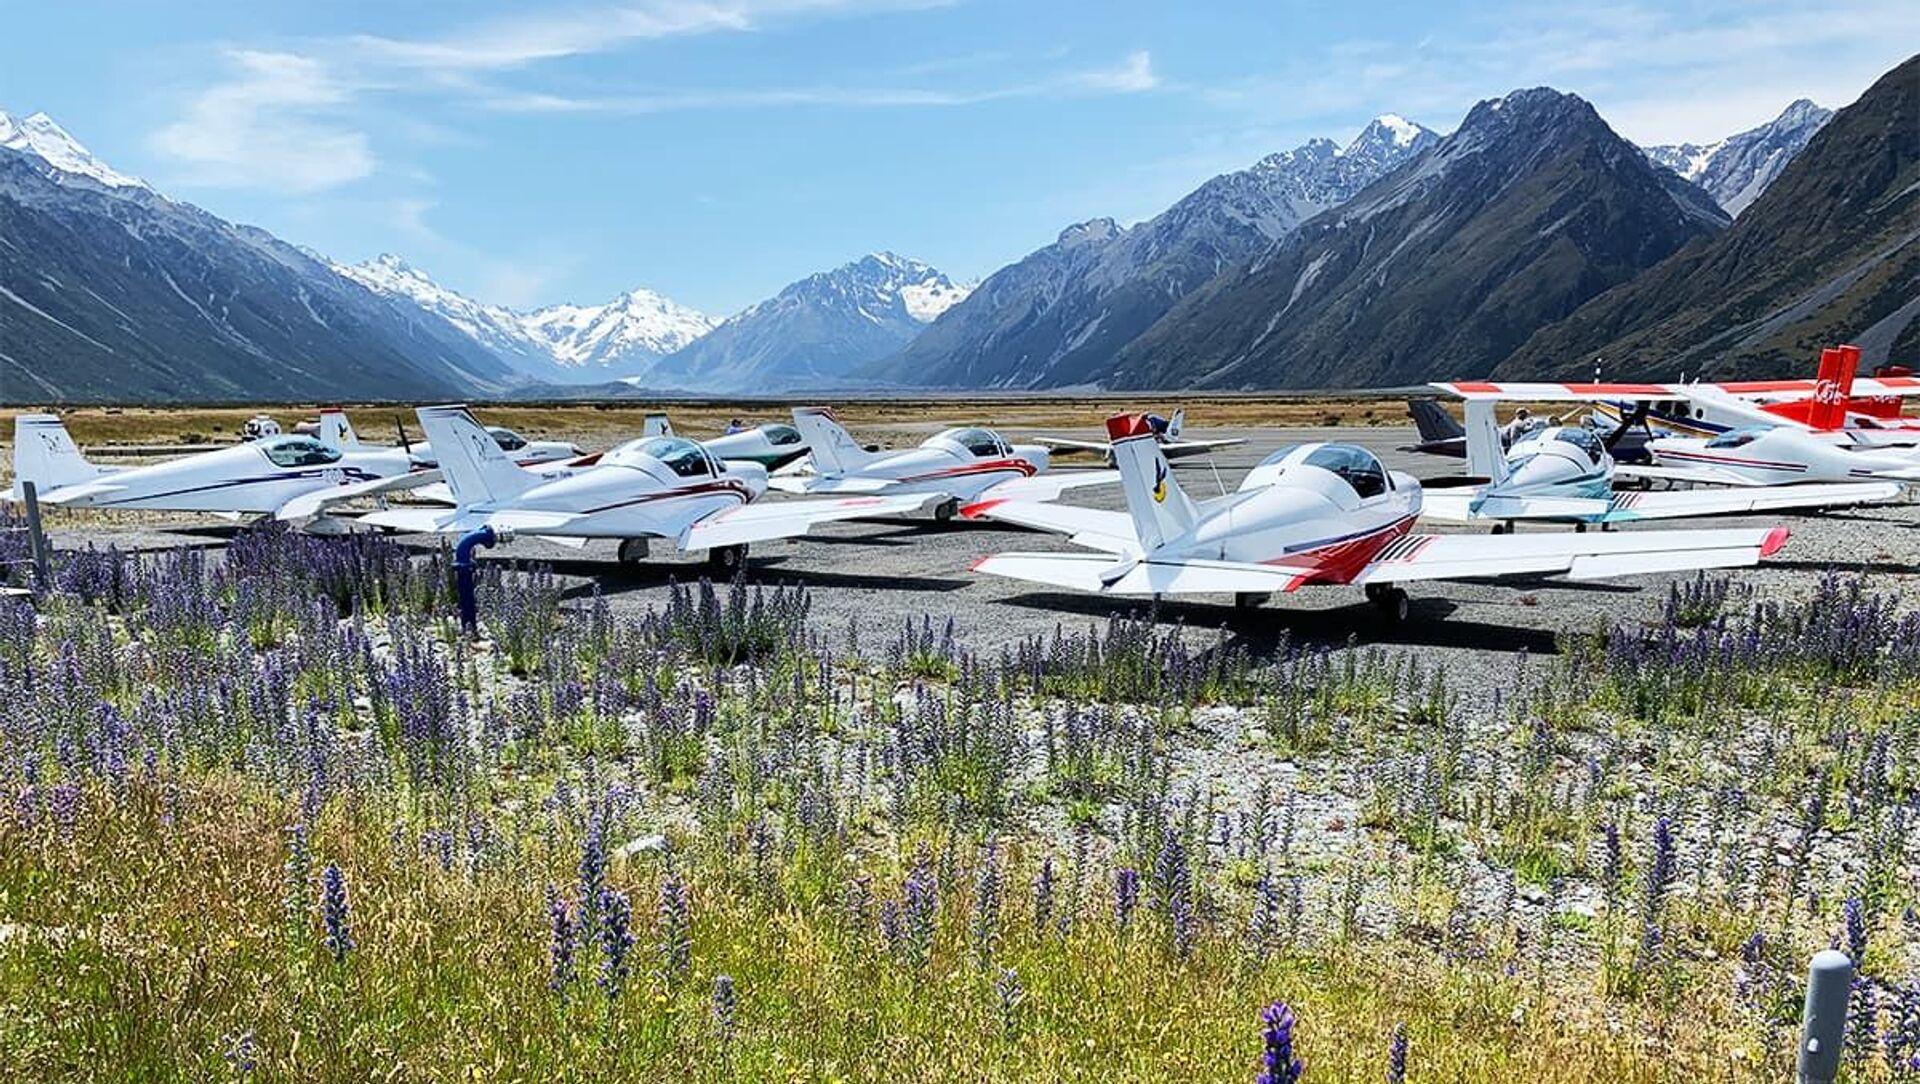 Indagine su un'azienda di droni, Alpi Aviation: Non sono stati venduti prodotti dual use - Sputnik Italia, 1920, 08.03.2021